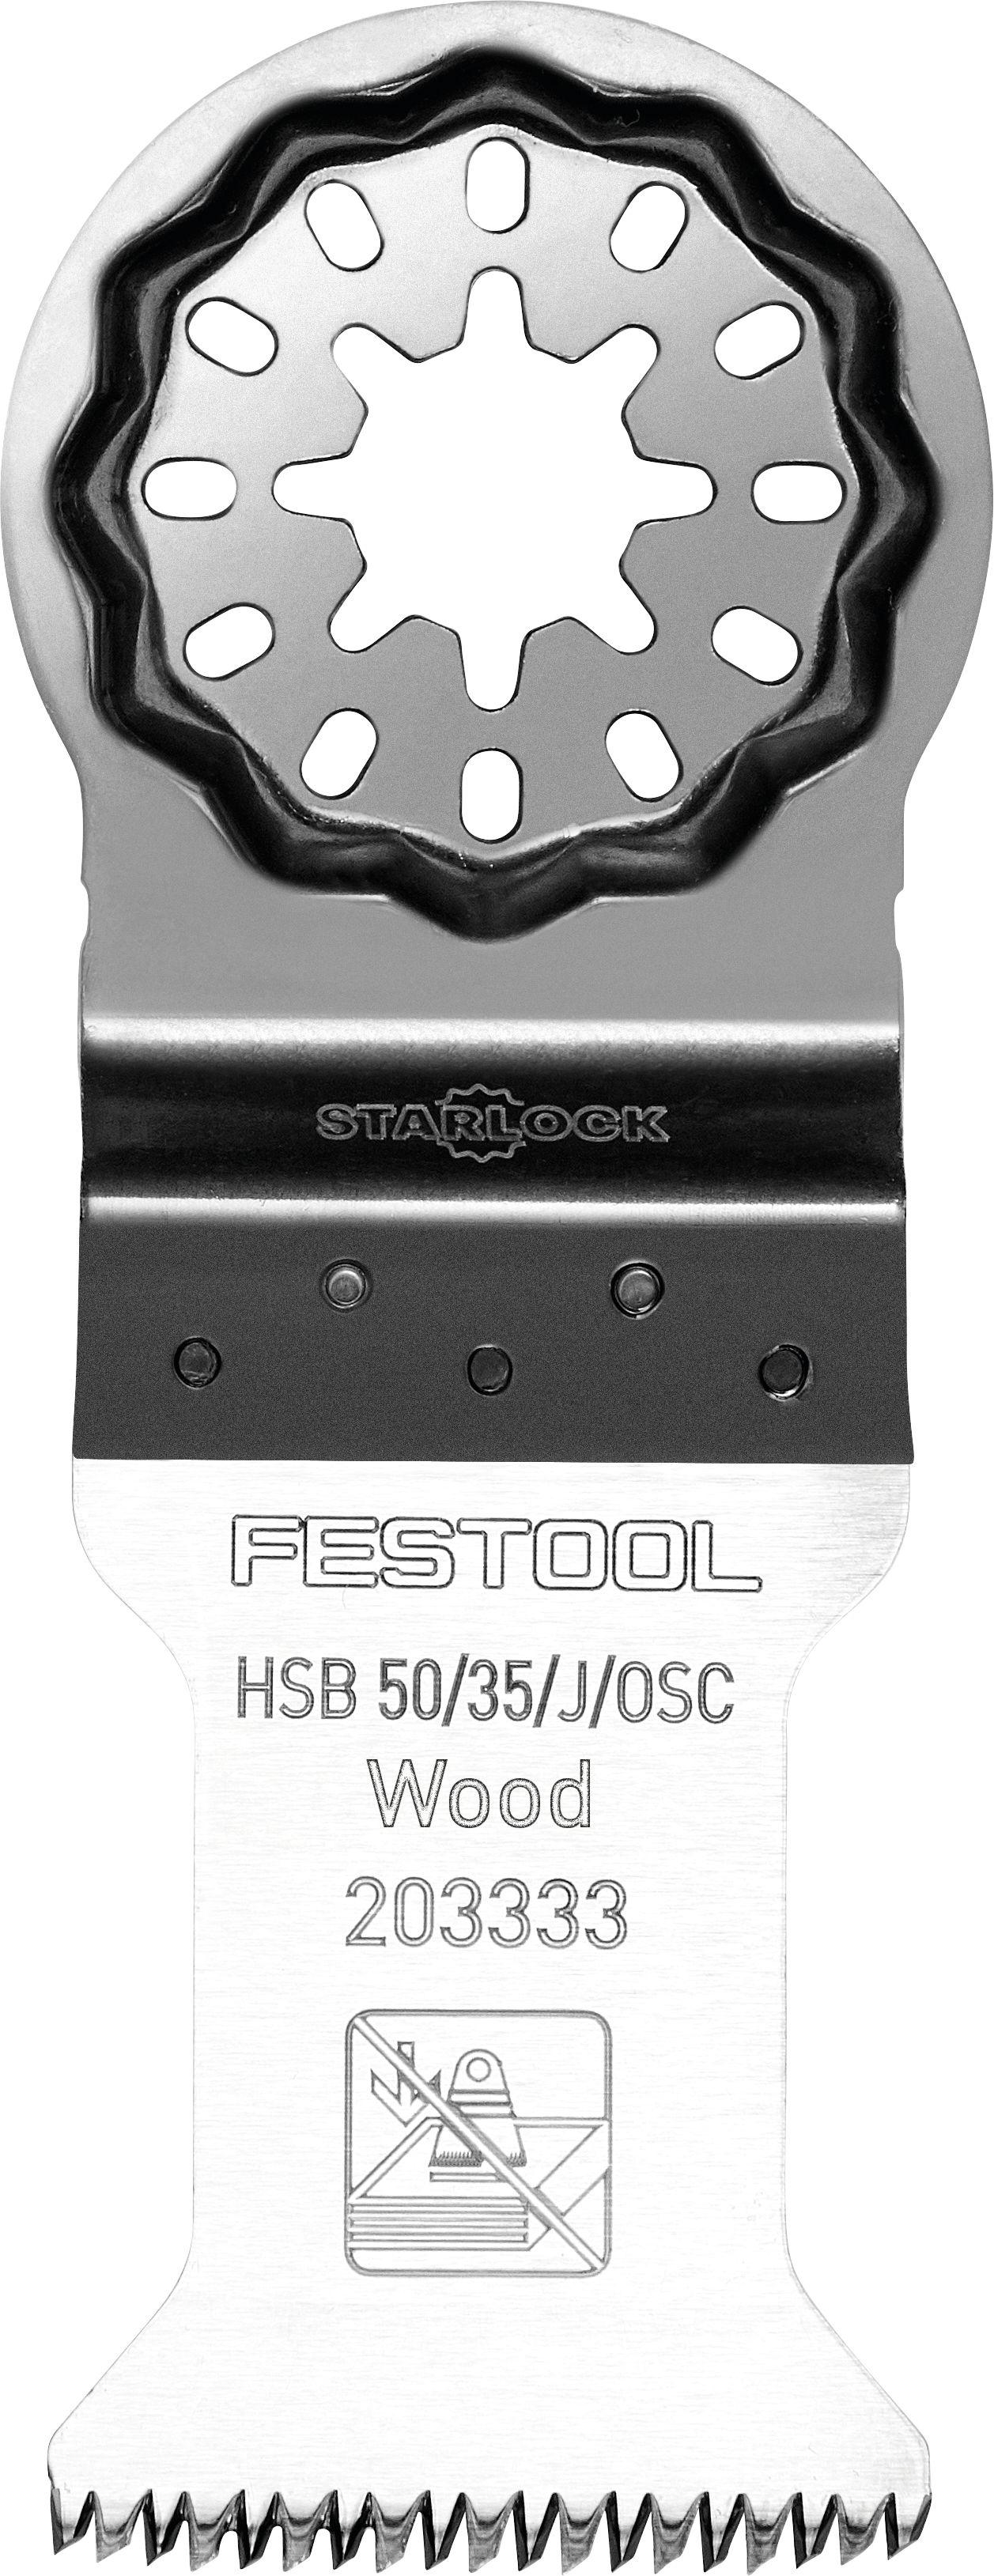 Festool Fjölsagarblað fyrir við HSB 50/35/J/OSC/5 203333